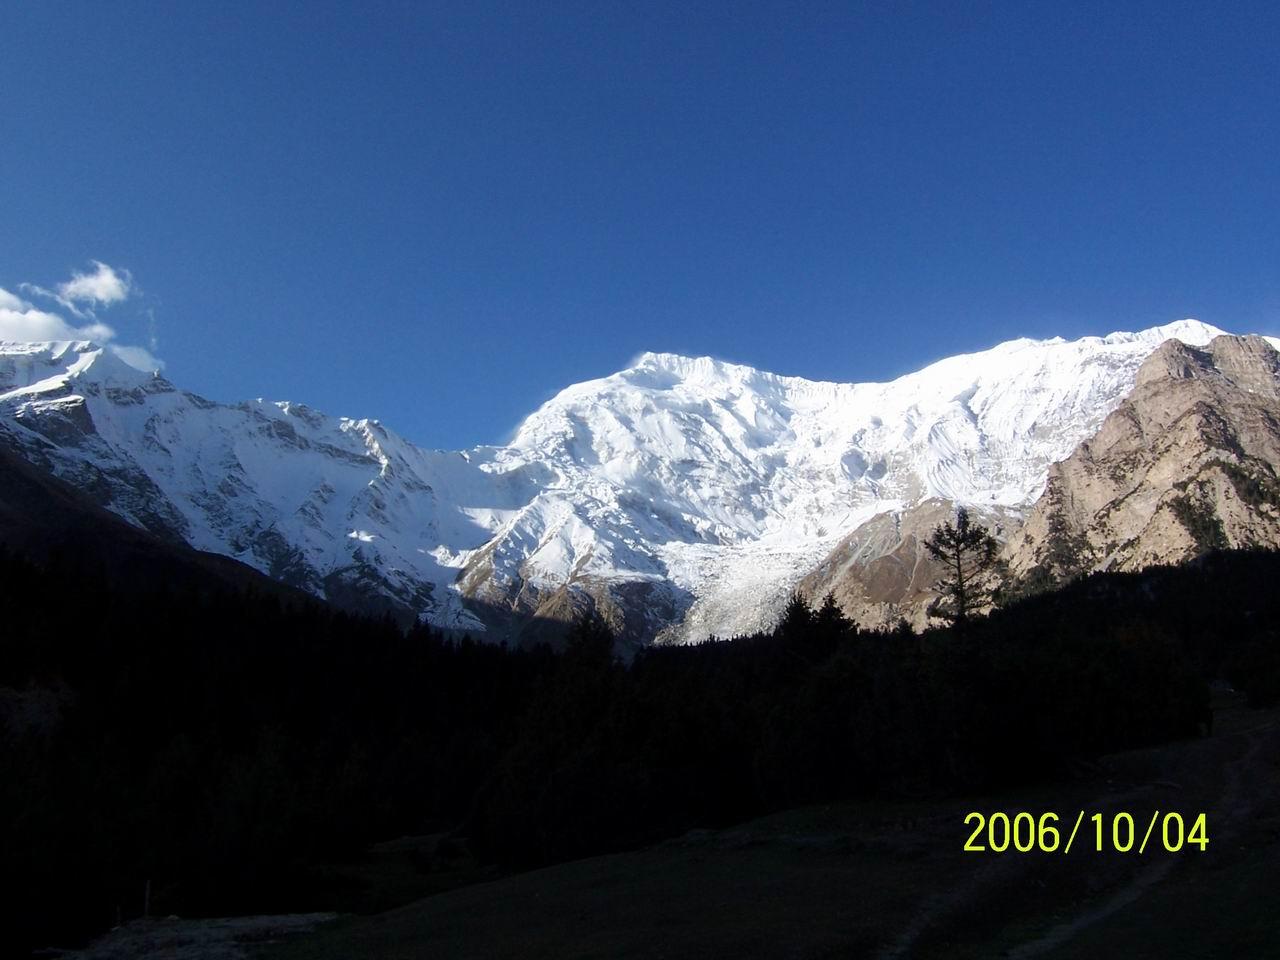 班超城,新疆喀什大巴扎,慕士塔格峰  (1280x960); 新疆喀什慕士塔格峰